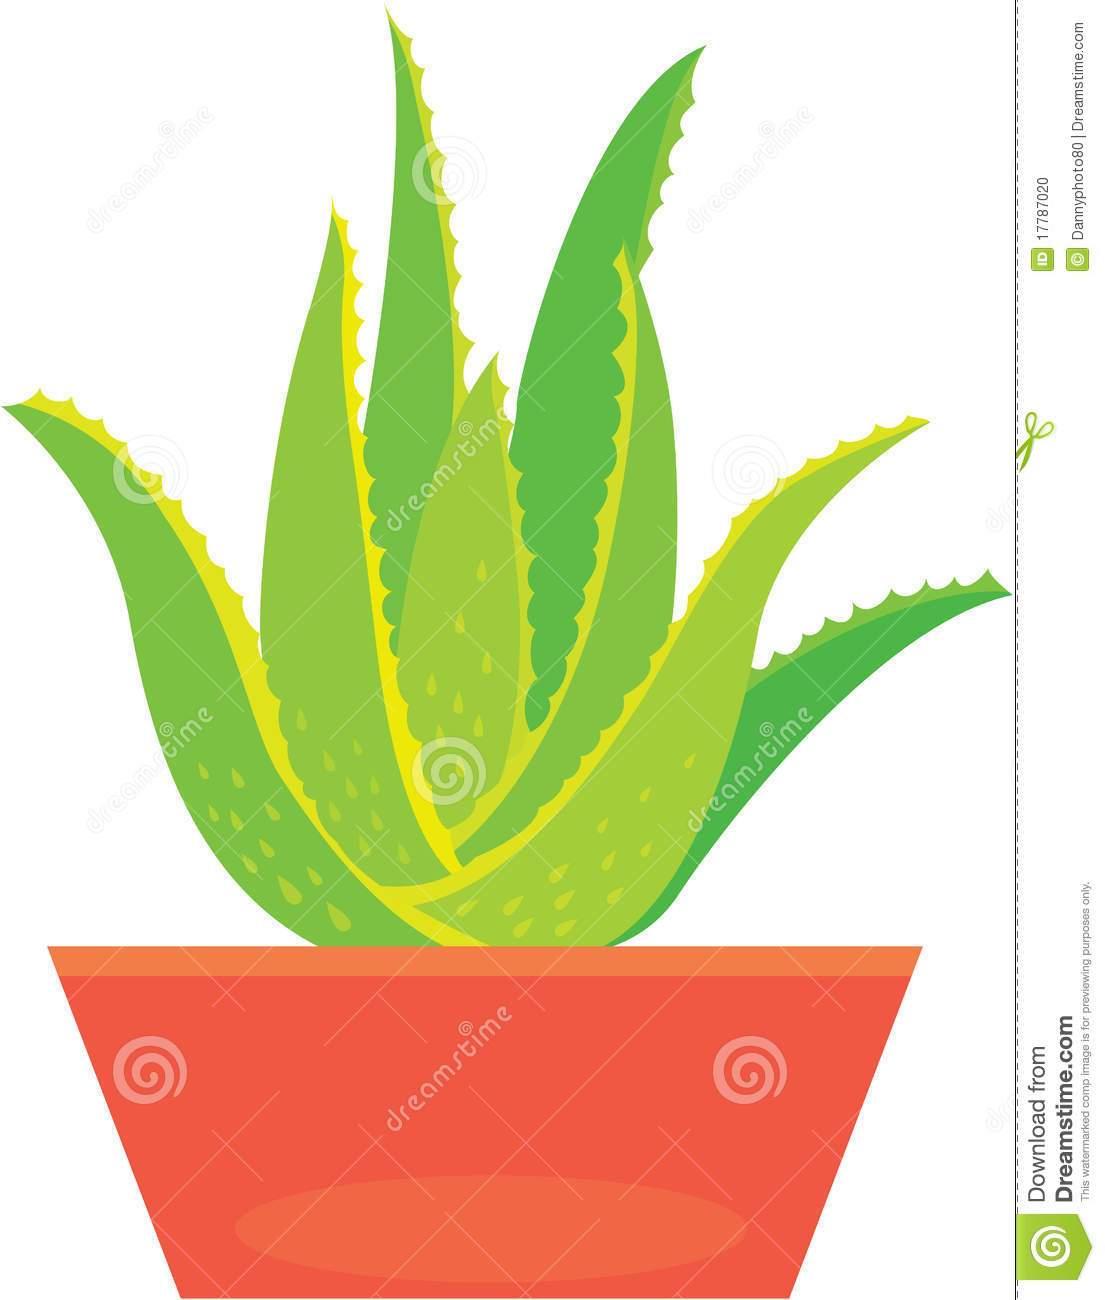 Aloe vera plant clipart 3 » Clipart Portal.